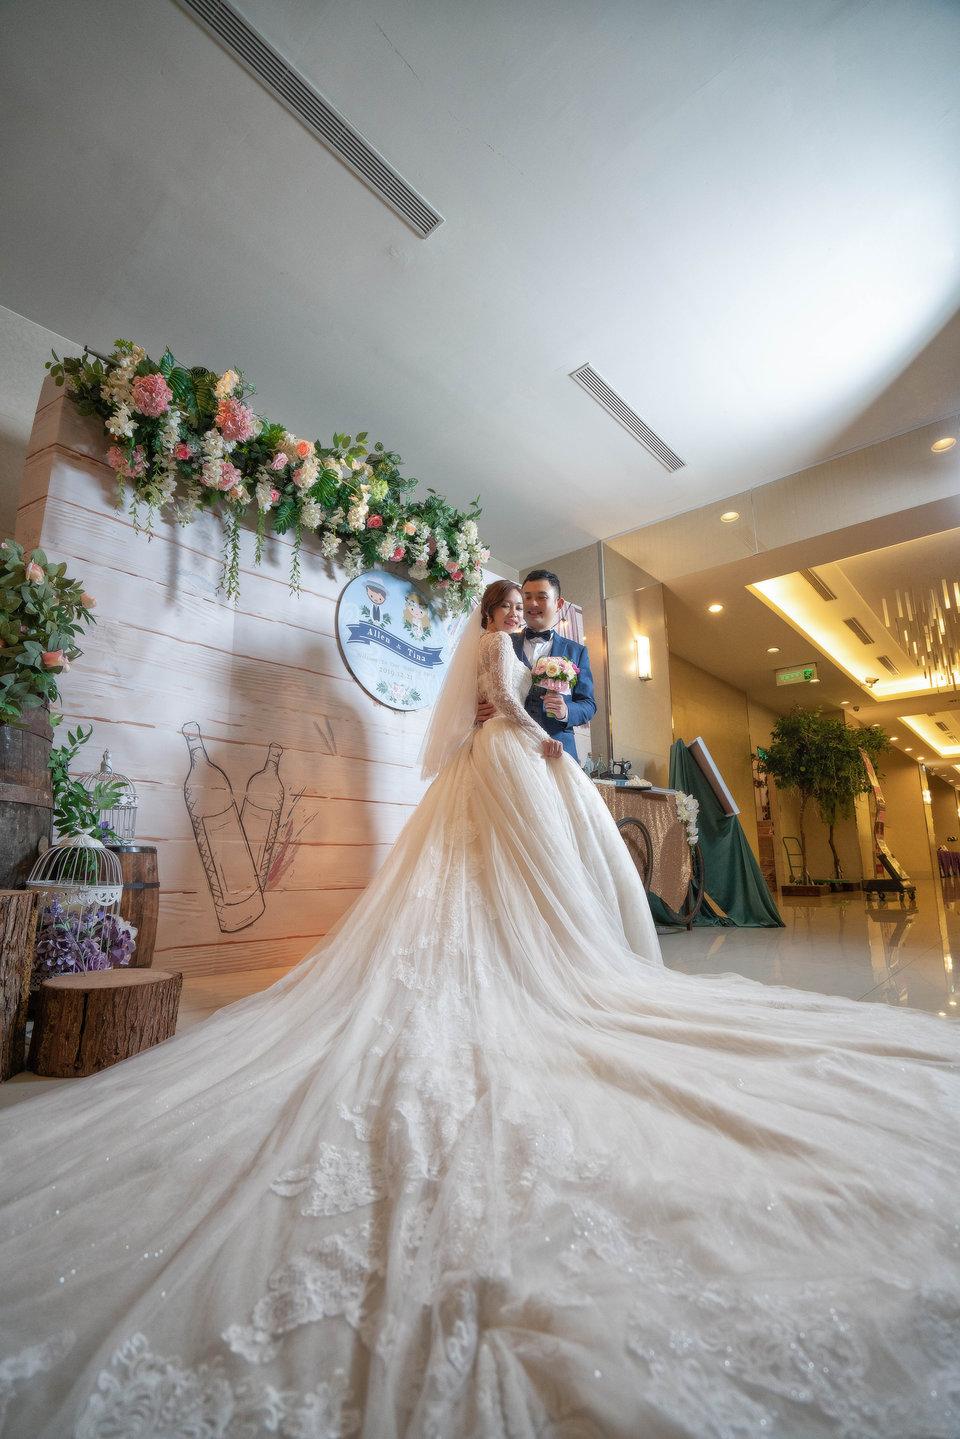 婚攝罐頭 影像團隊(網路熱推 全台服務),推薦婚攝罐頭團隊